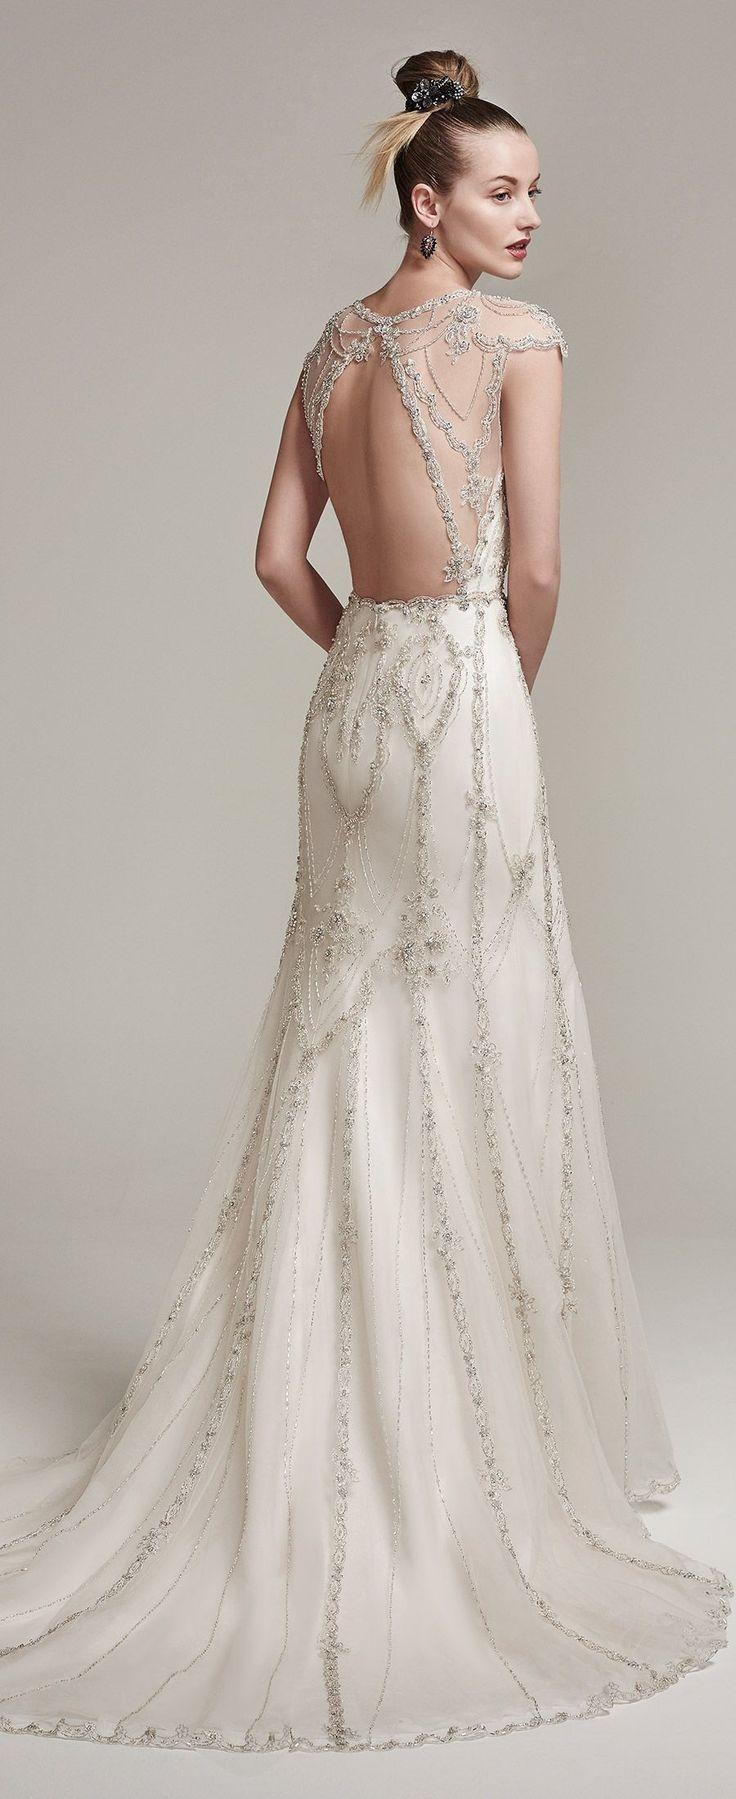 Elegant vintage fringe wedding dress 7 (With images